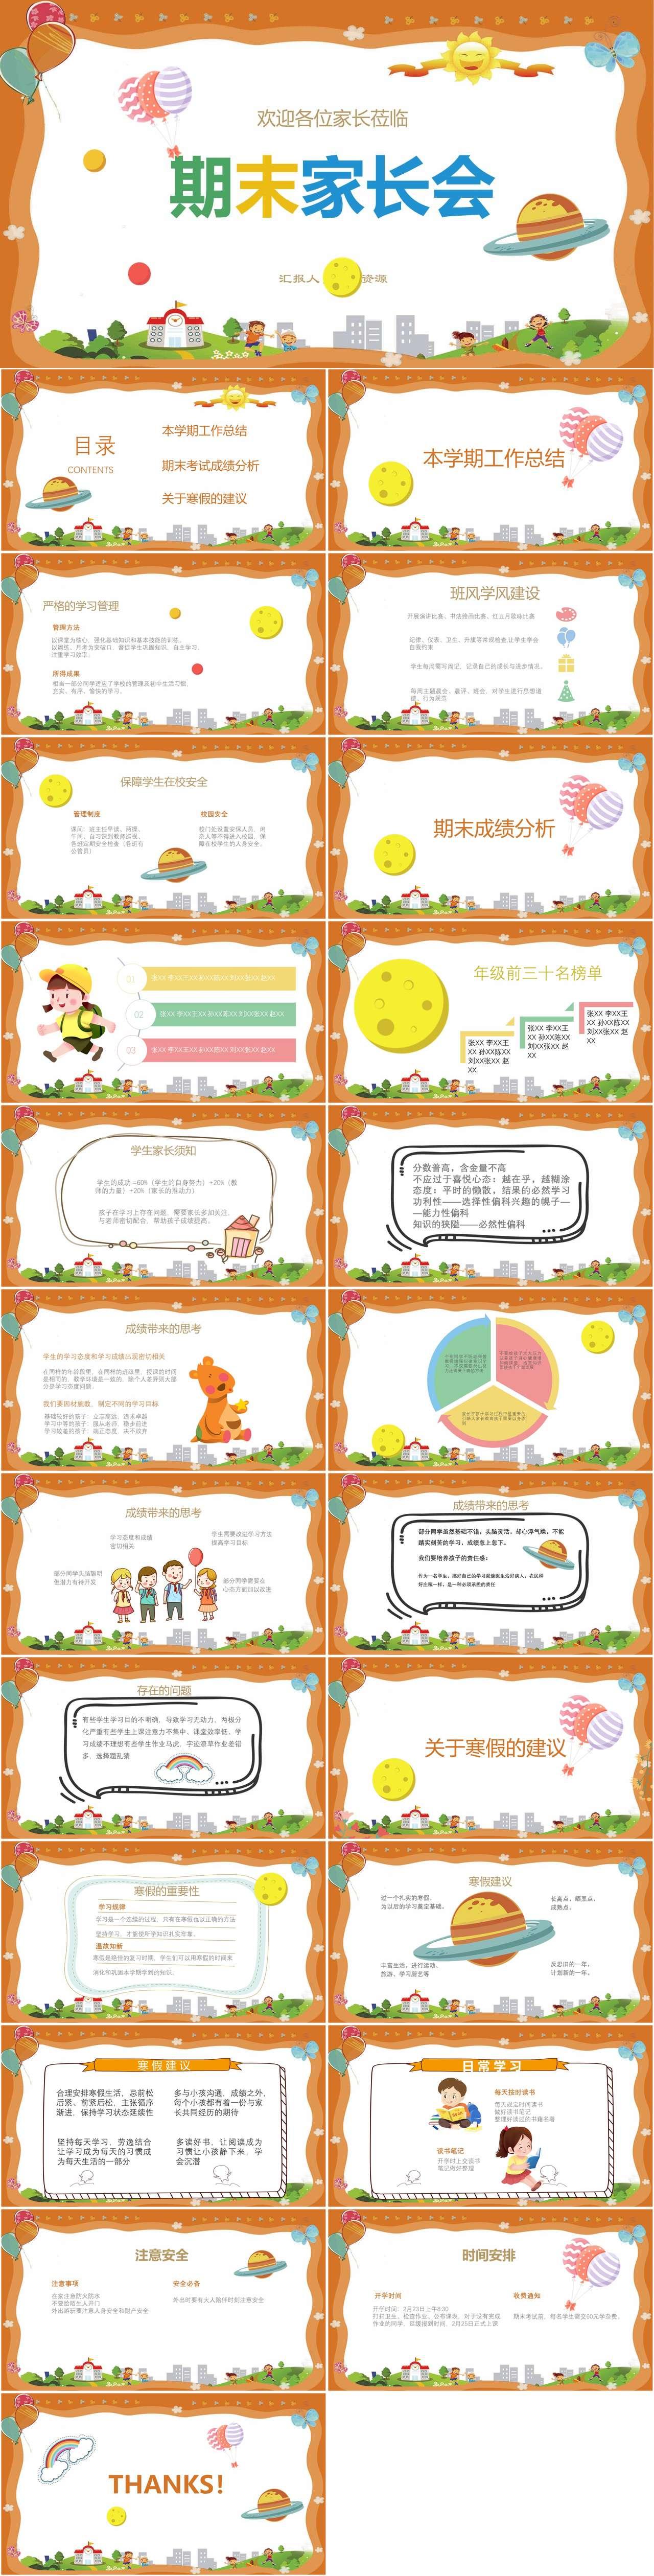 可爱卡通风儿童教育中小学幼儿园下半学期期末家长会PPT模板插图1